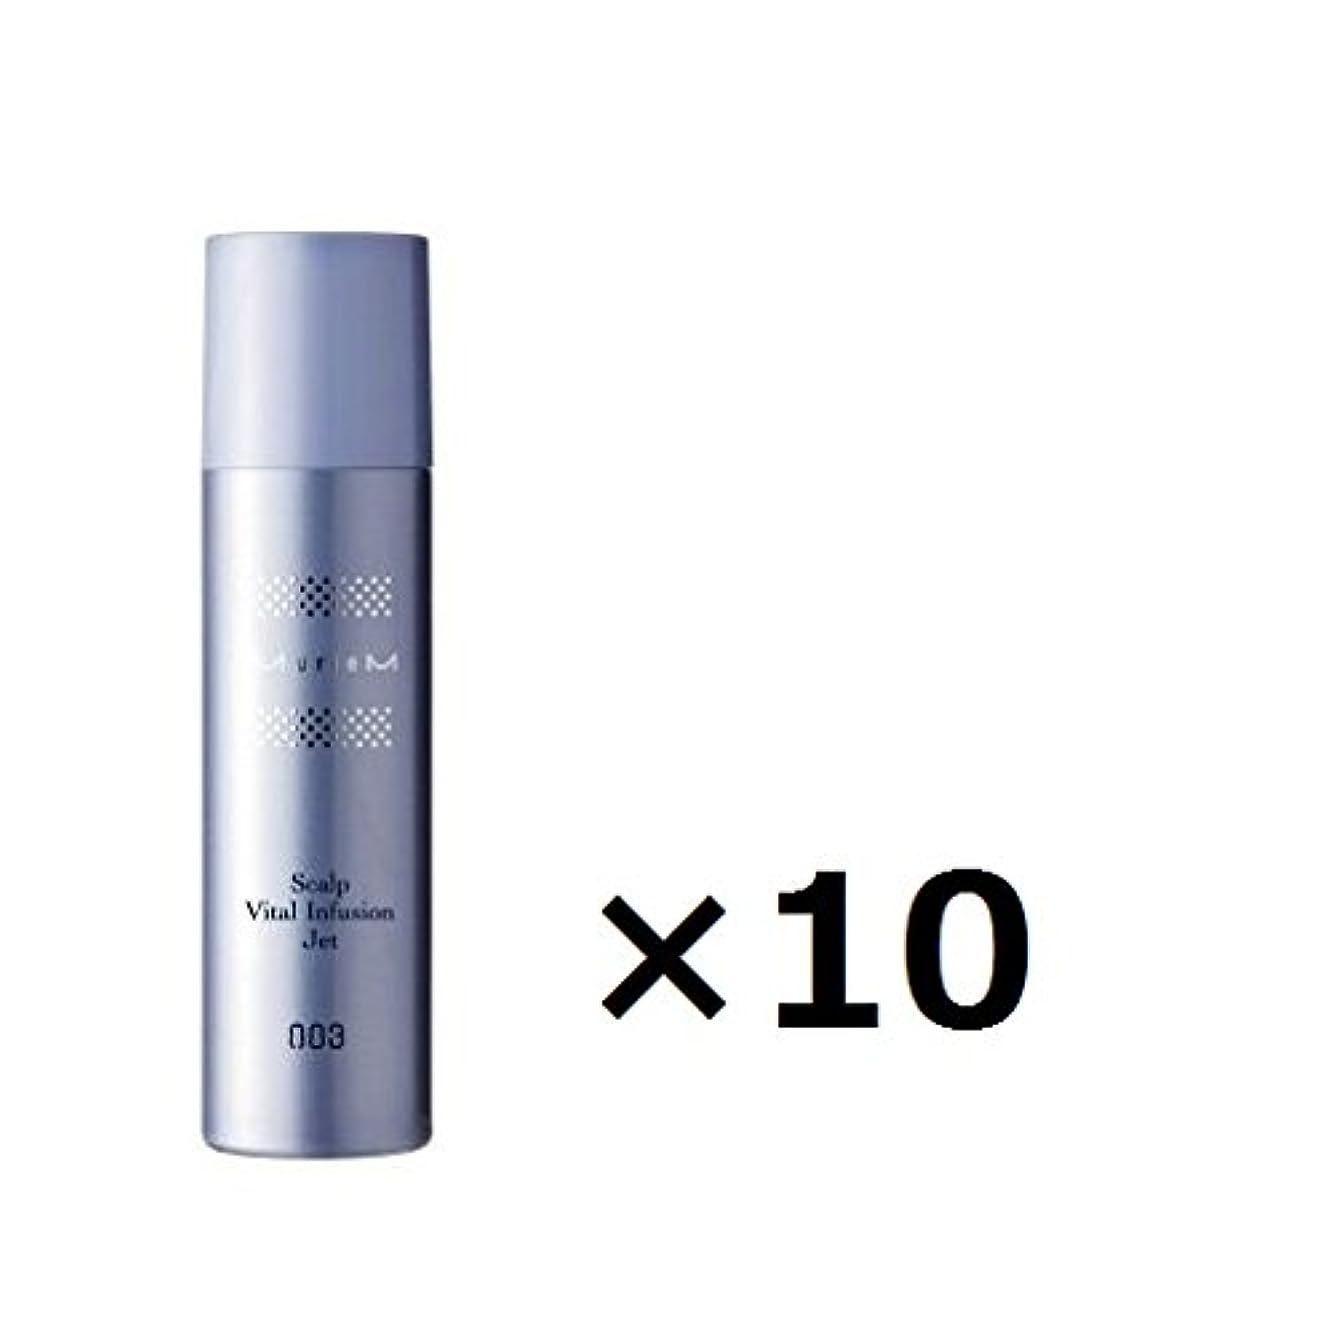 テラスハドルカエル【10本セット】ナンバースリー ミュリアム 薬用スカルプバイタル インフュージョンジェット 160g